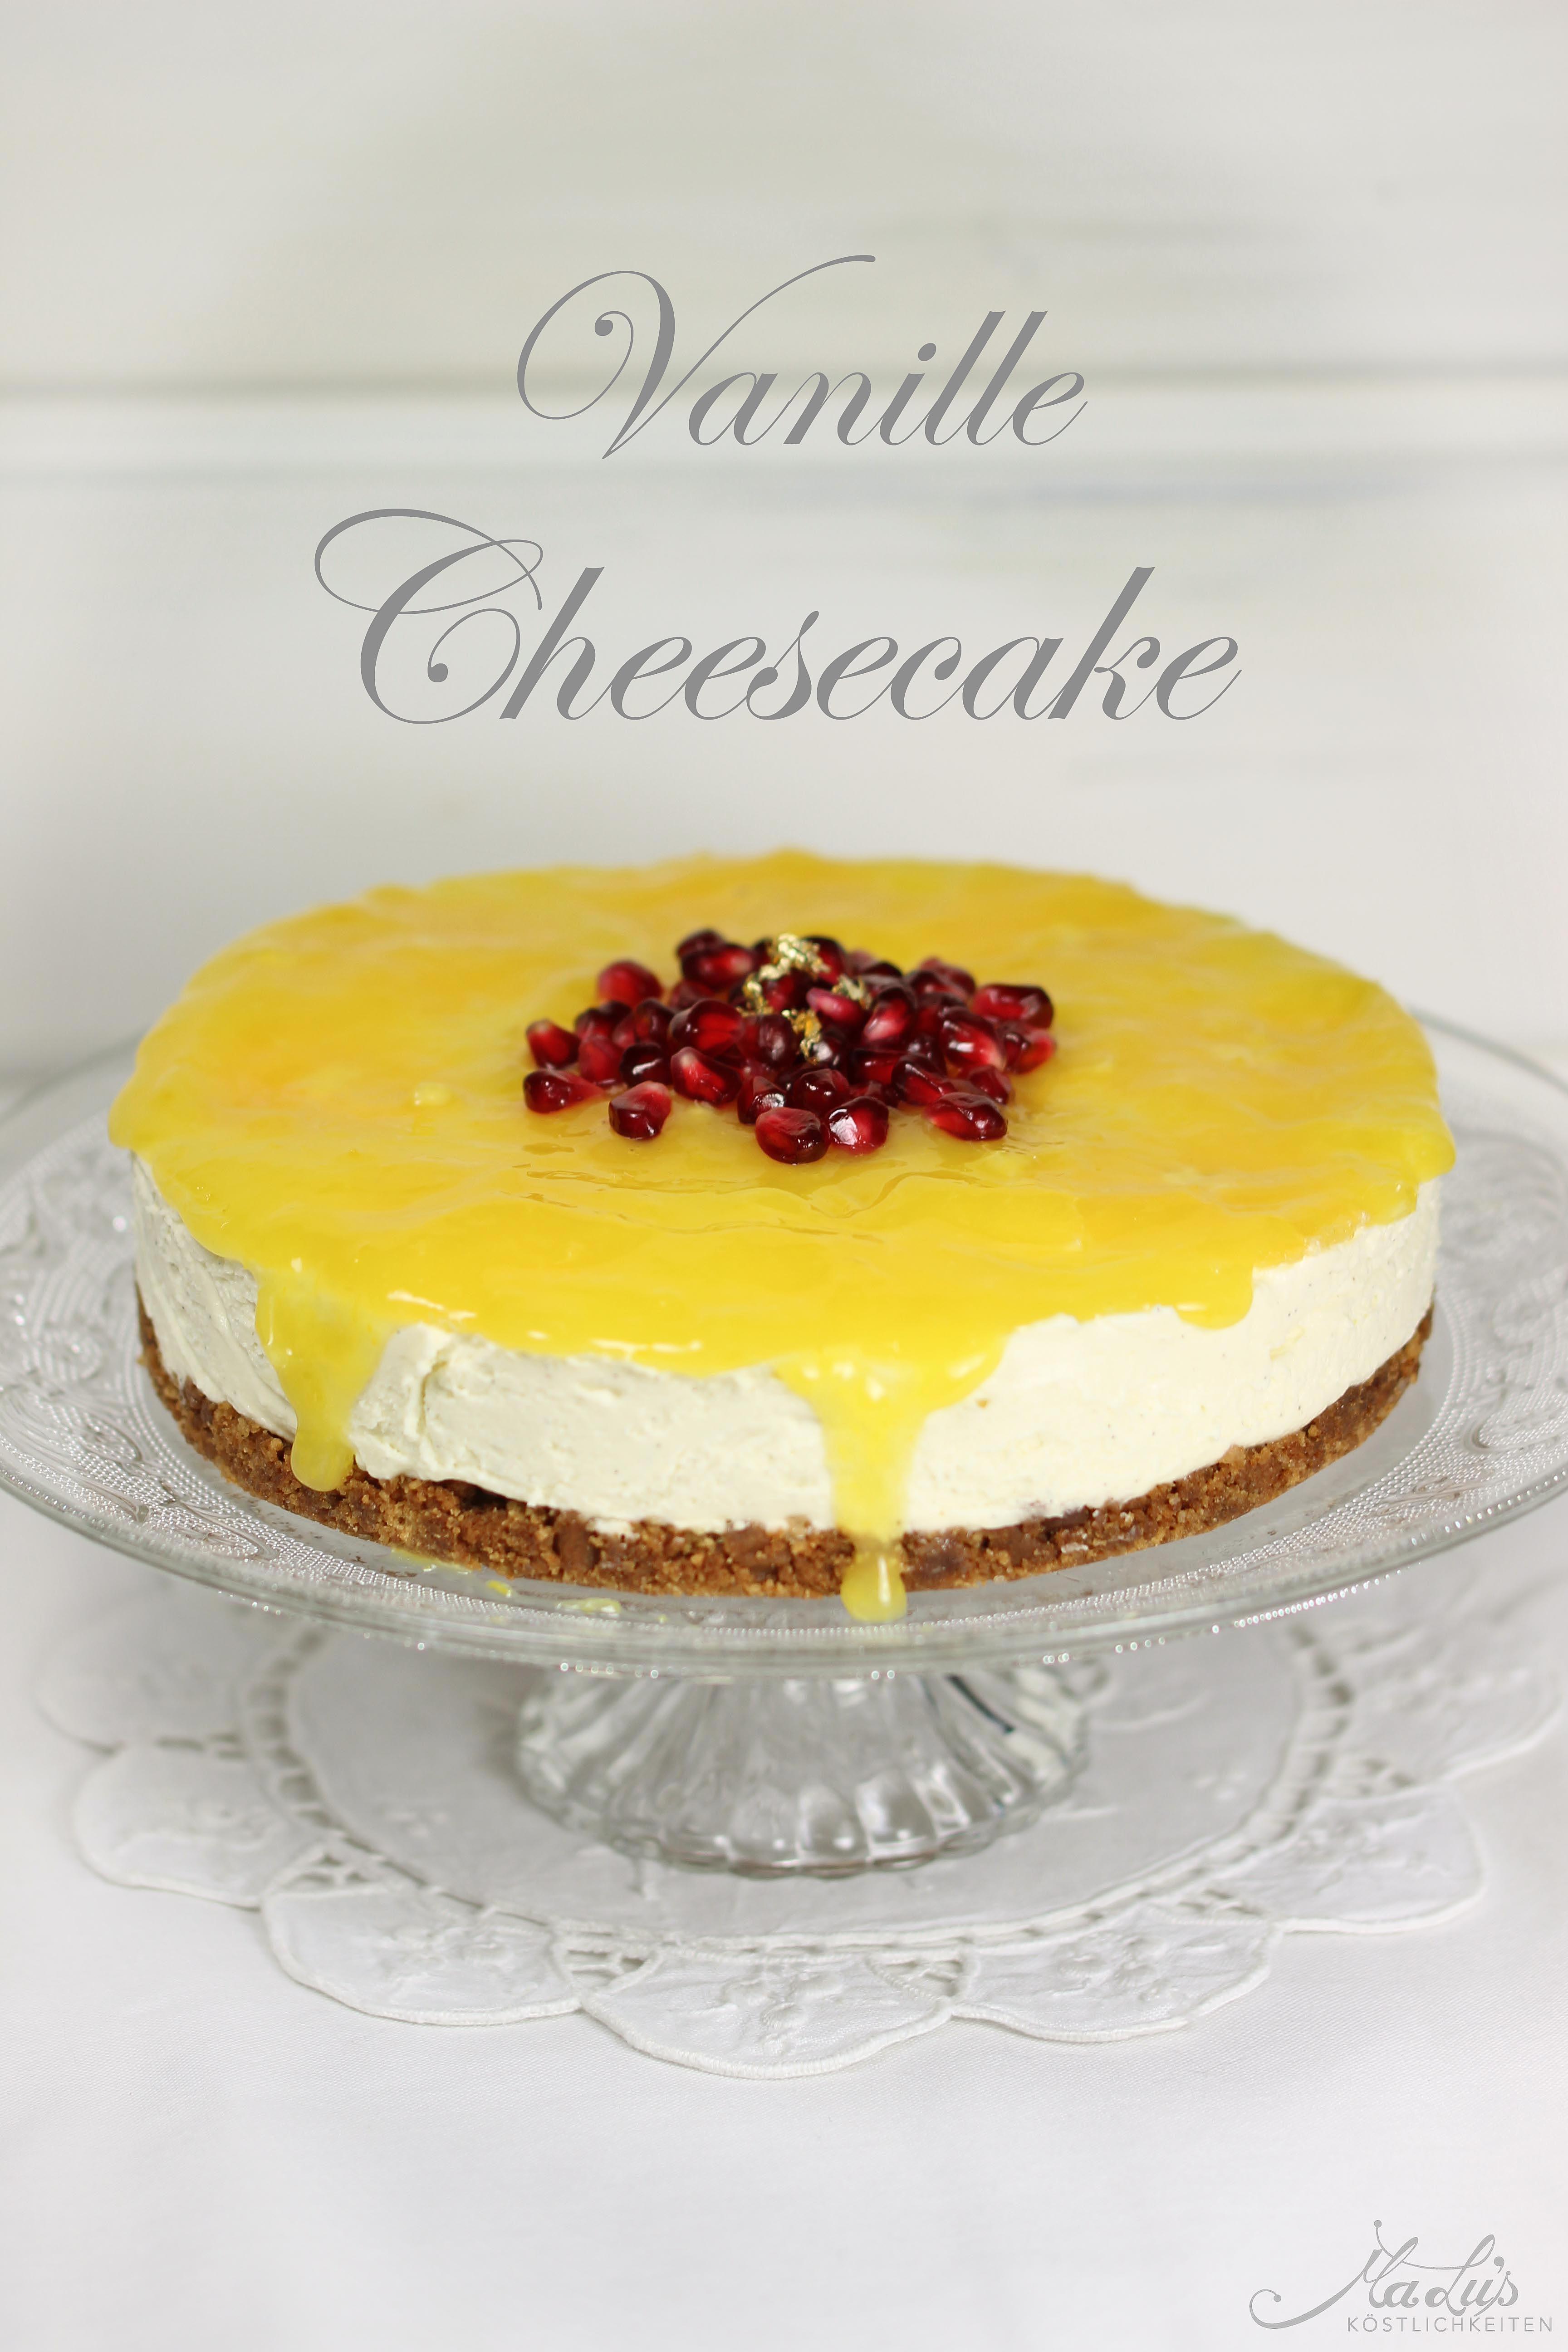 Vanille Cheesecake mit Orangen 31-